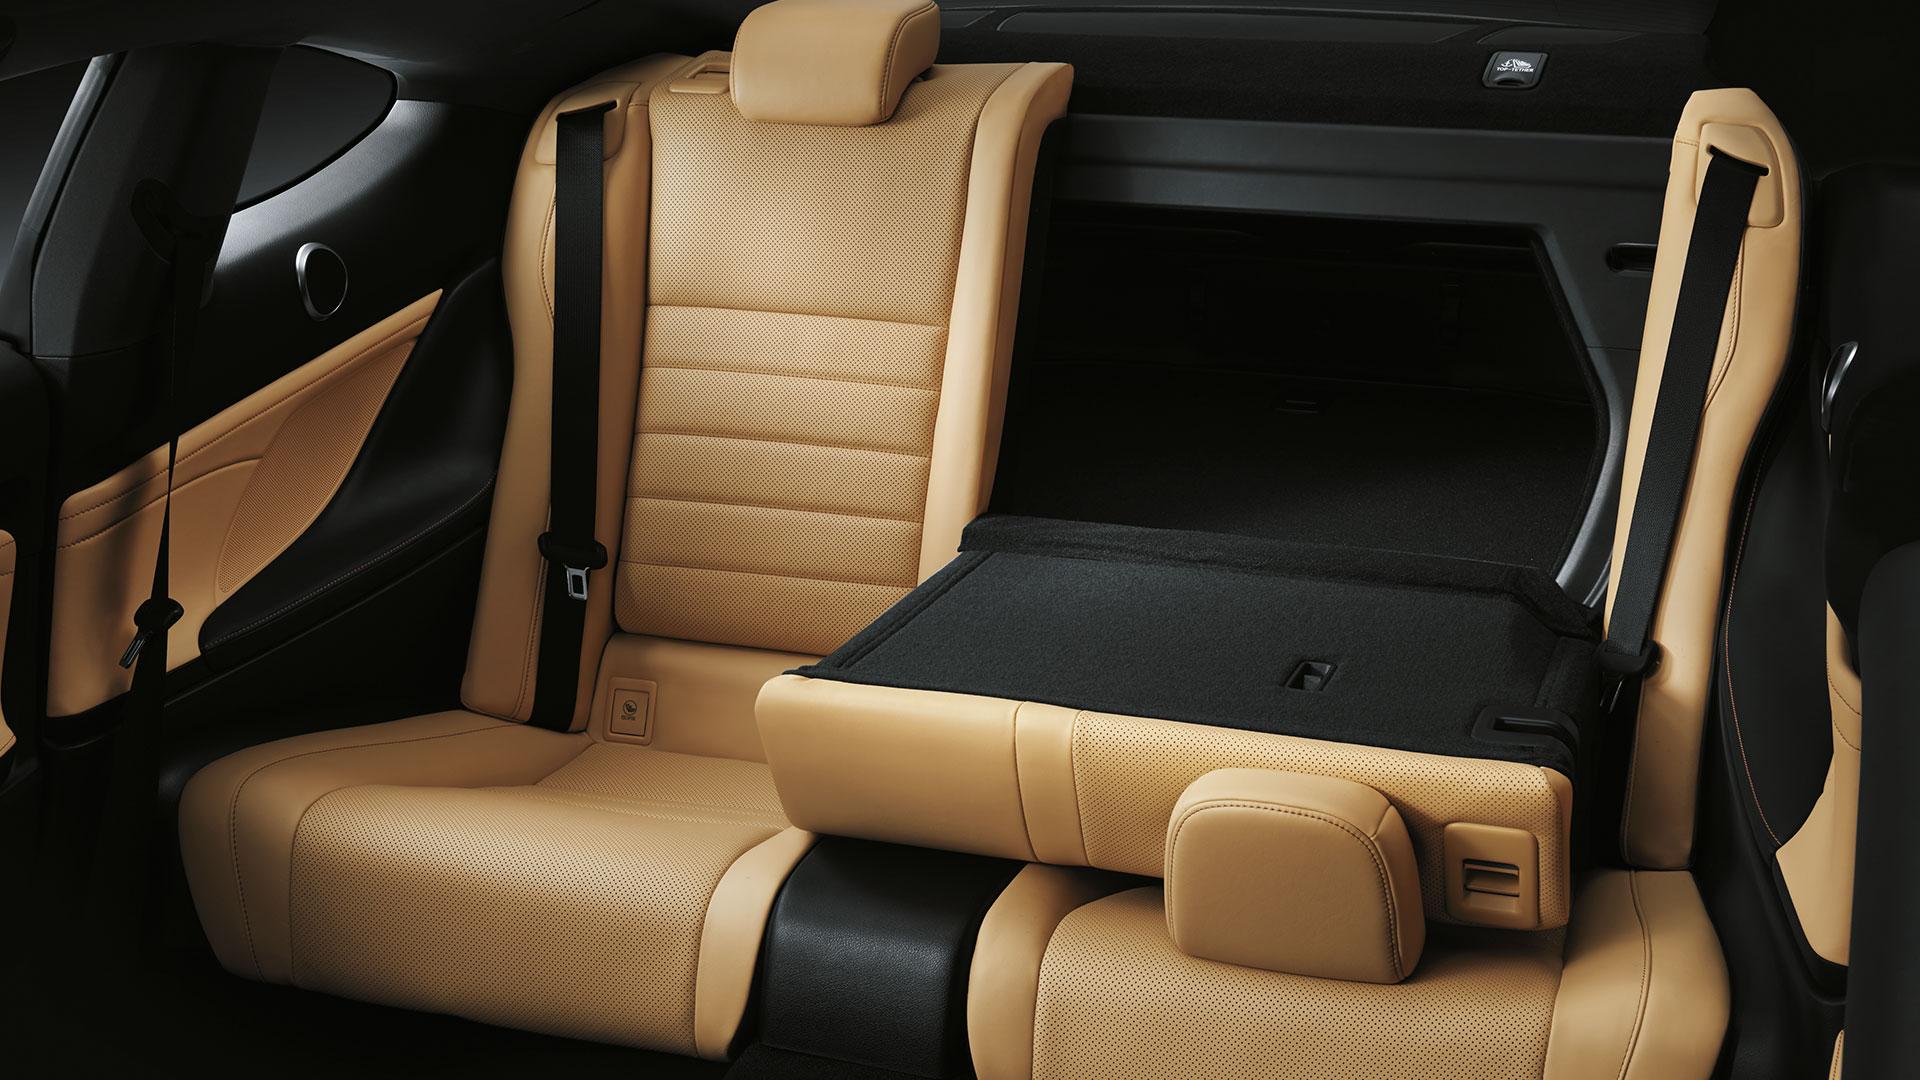 Lexus en INTA hero asset